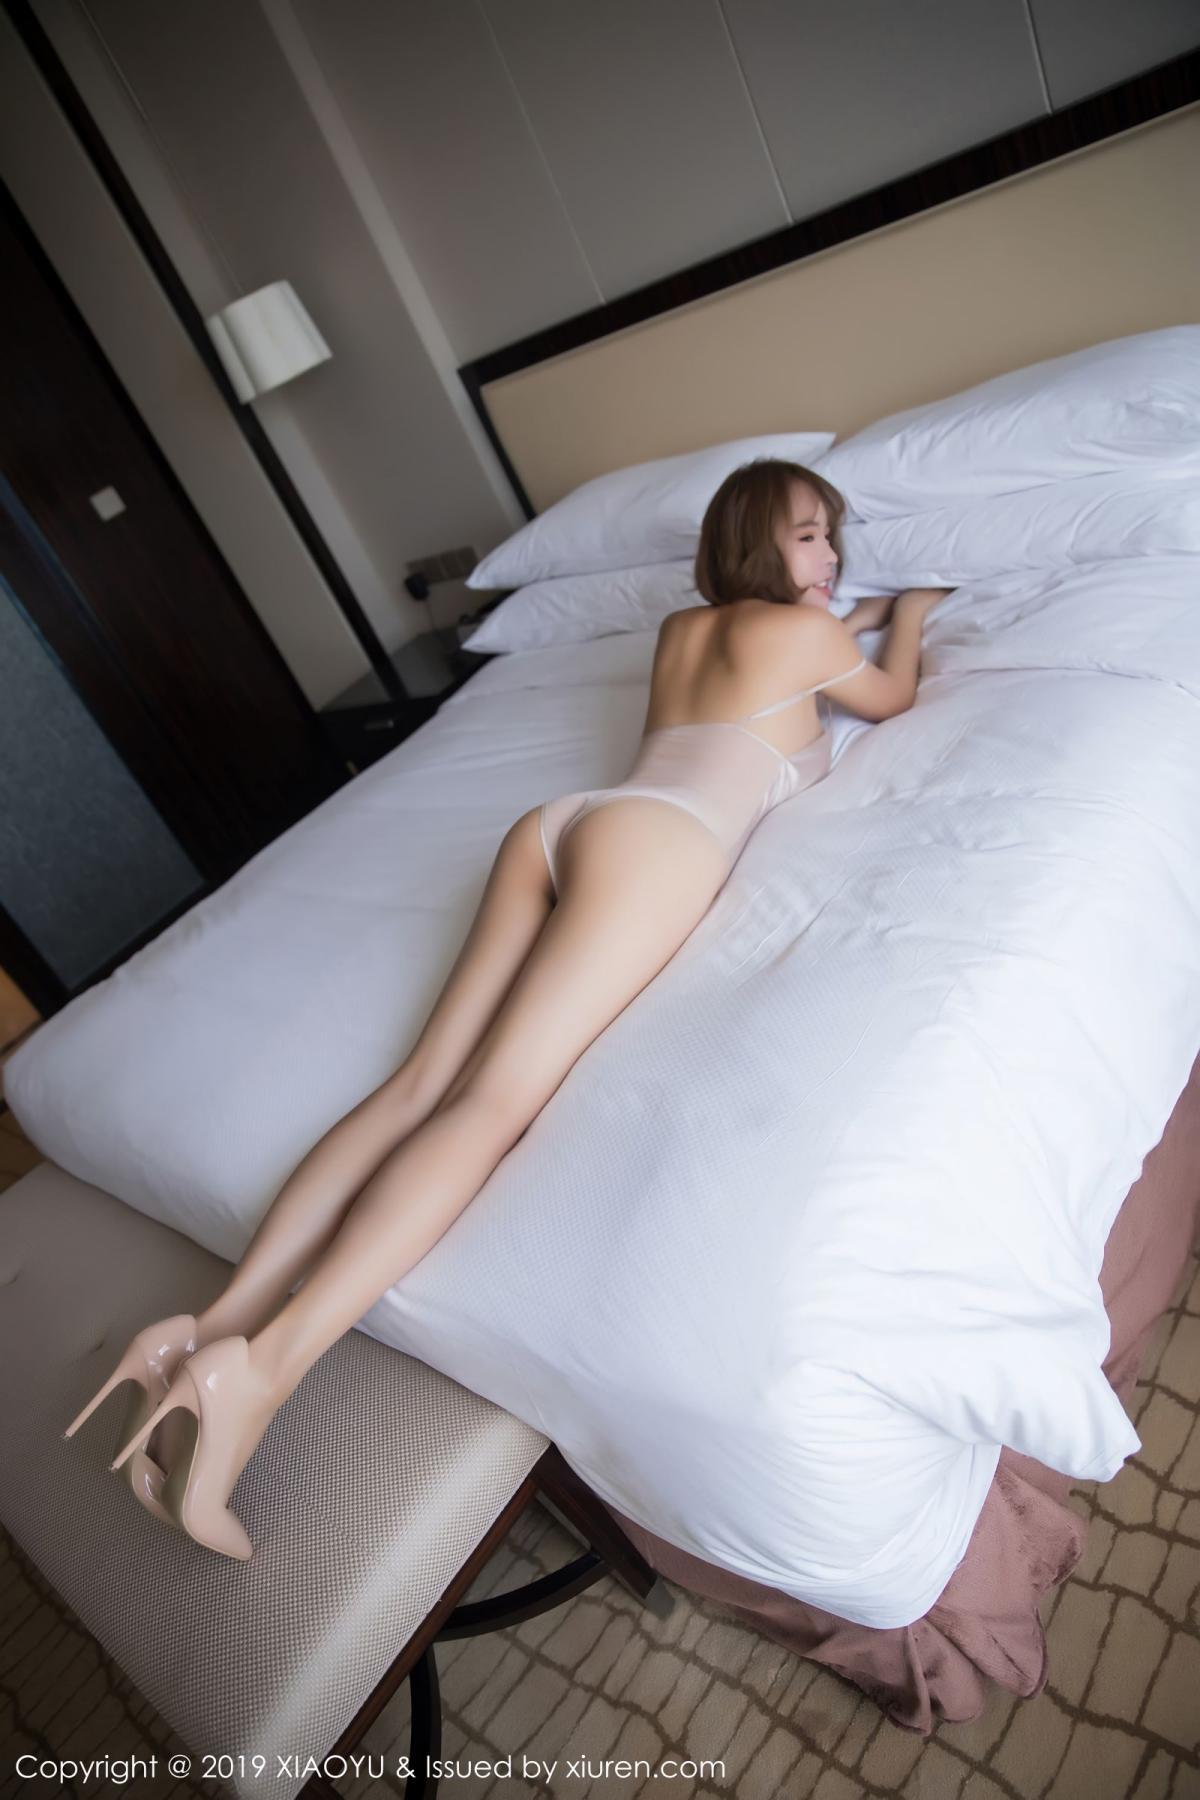 [XiaoYu] Vol.015 Chen Ya Wen 30P, Chen Ya Wen, Sexy, XiaoYu